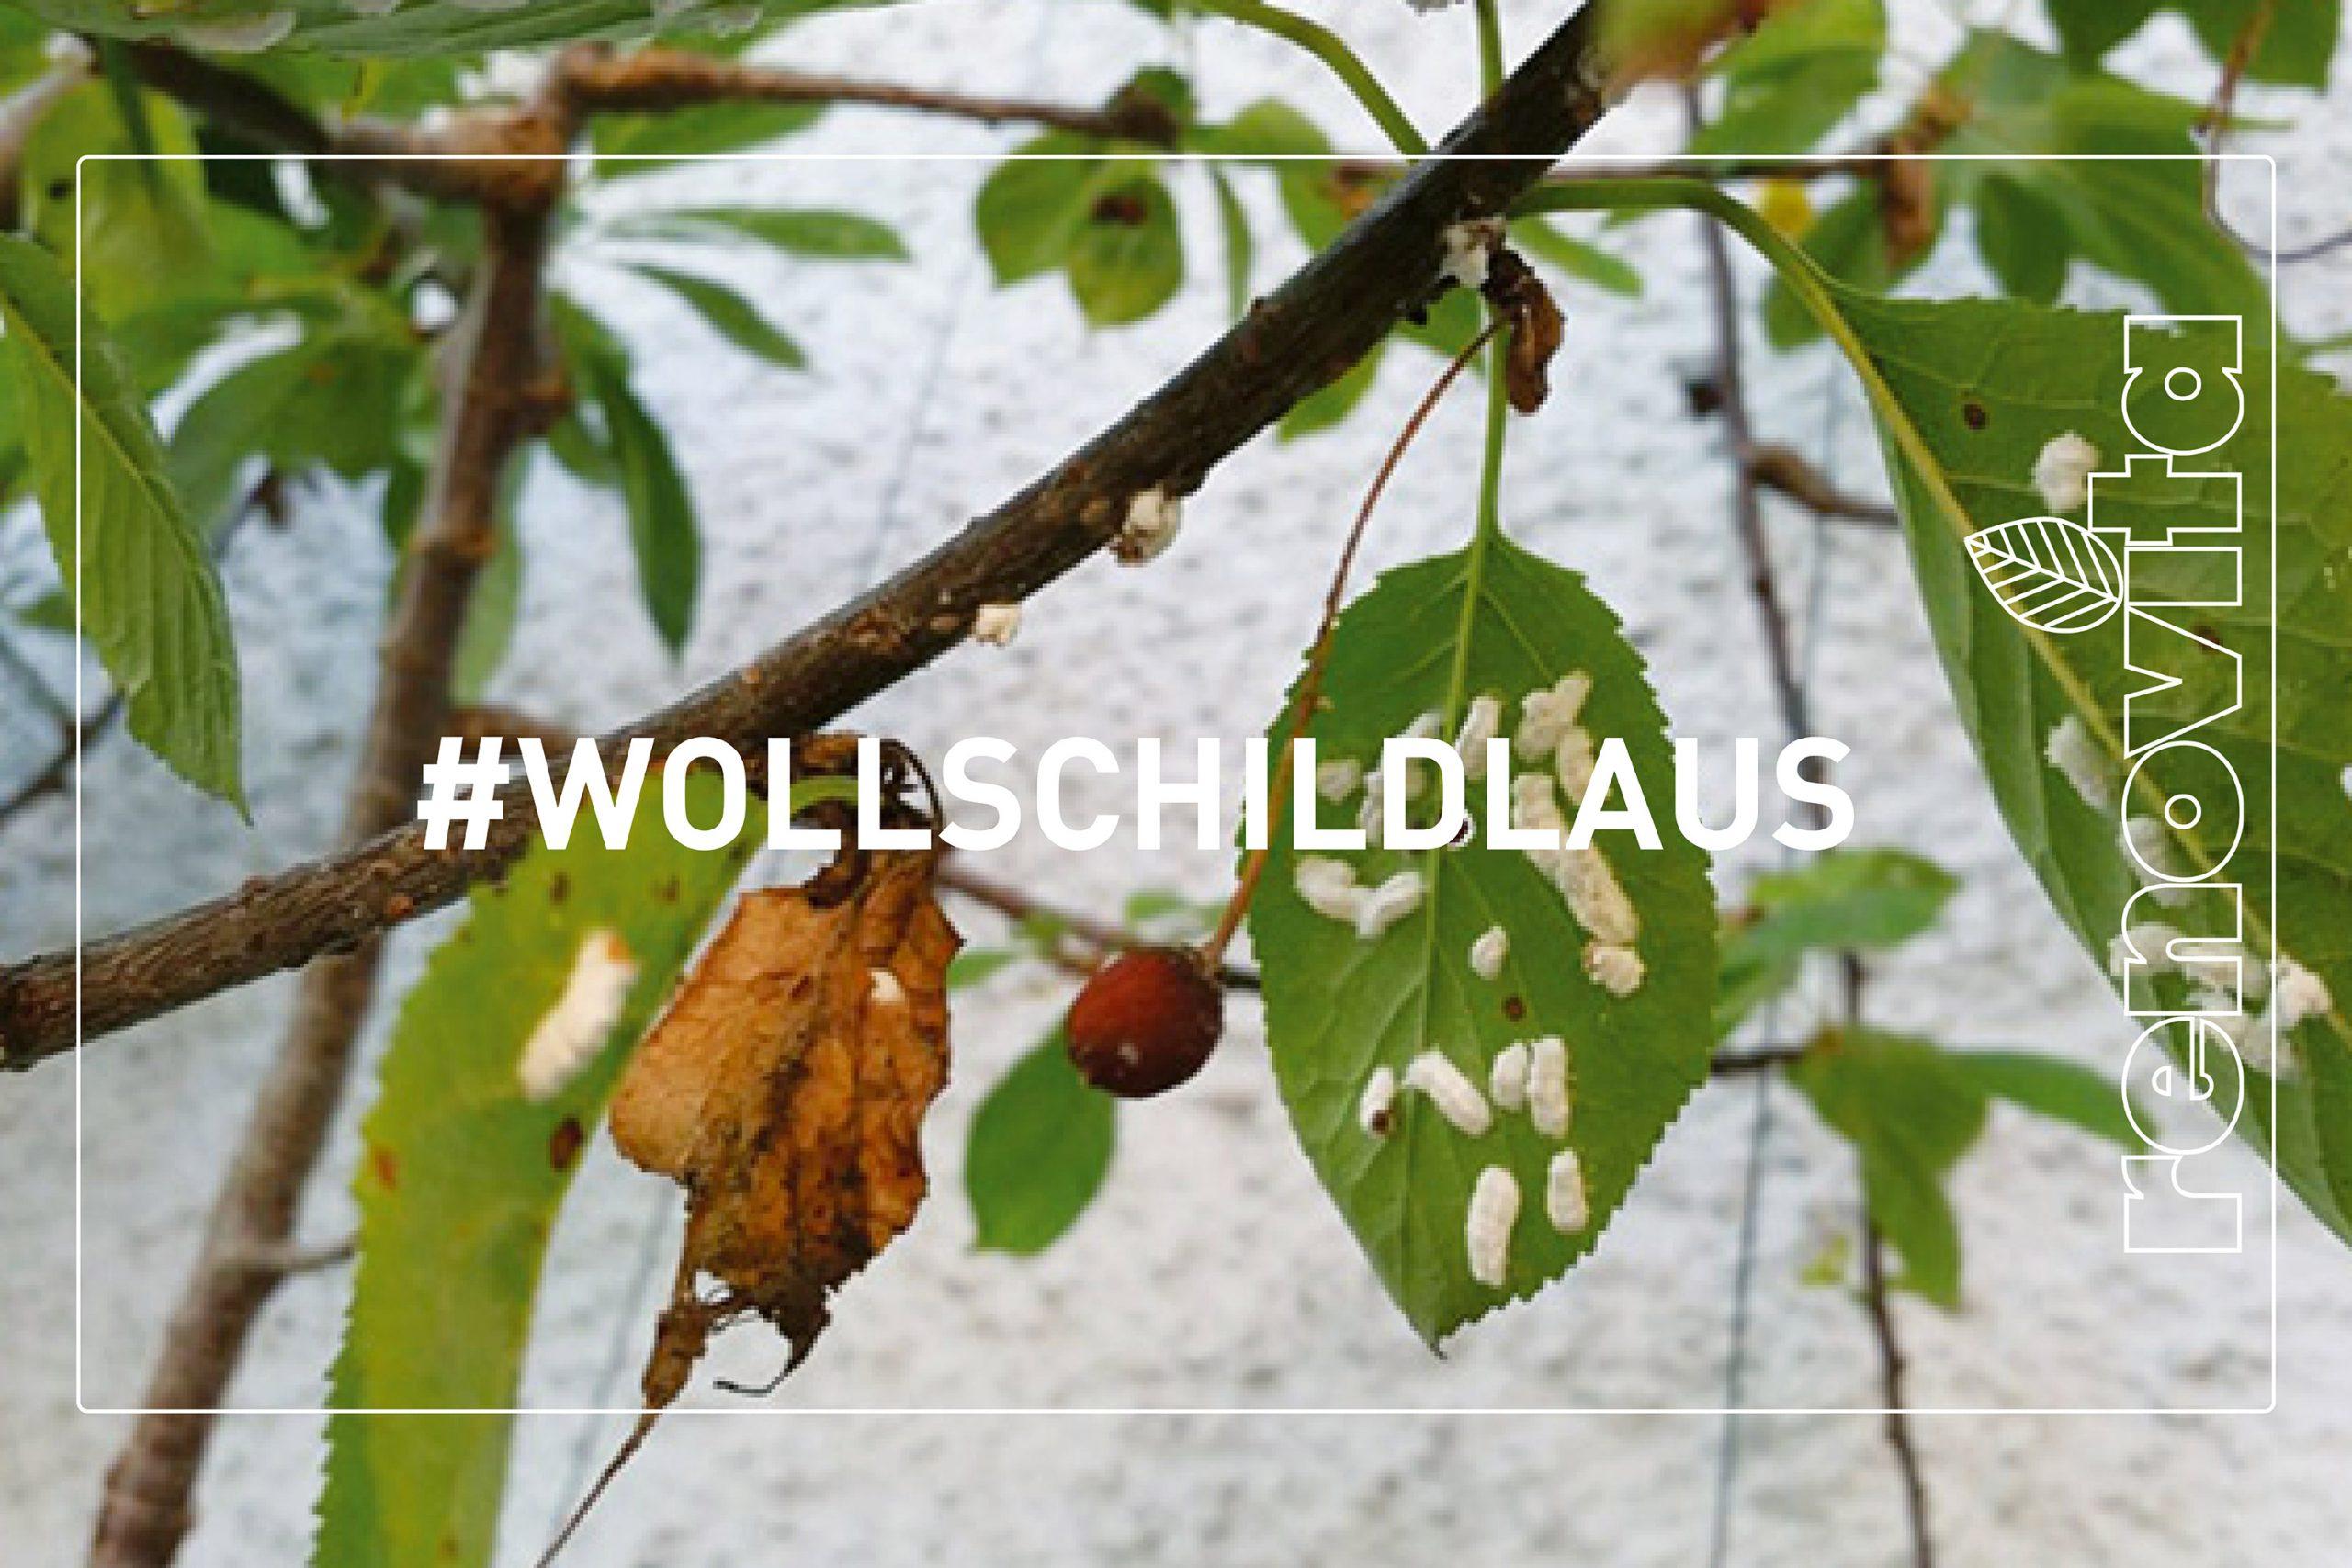 Wollschildlaus